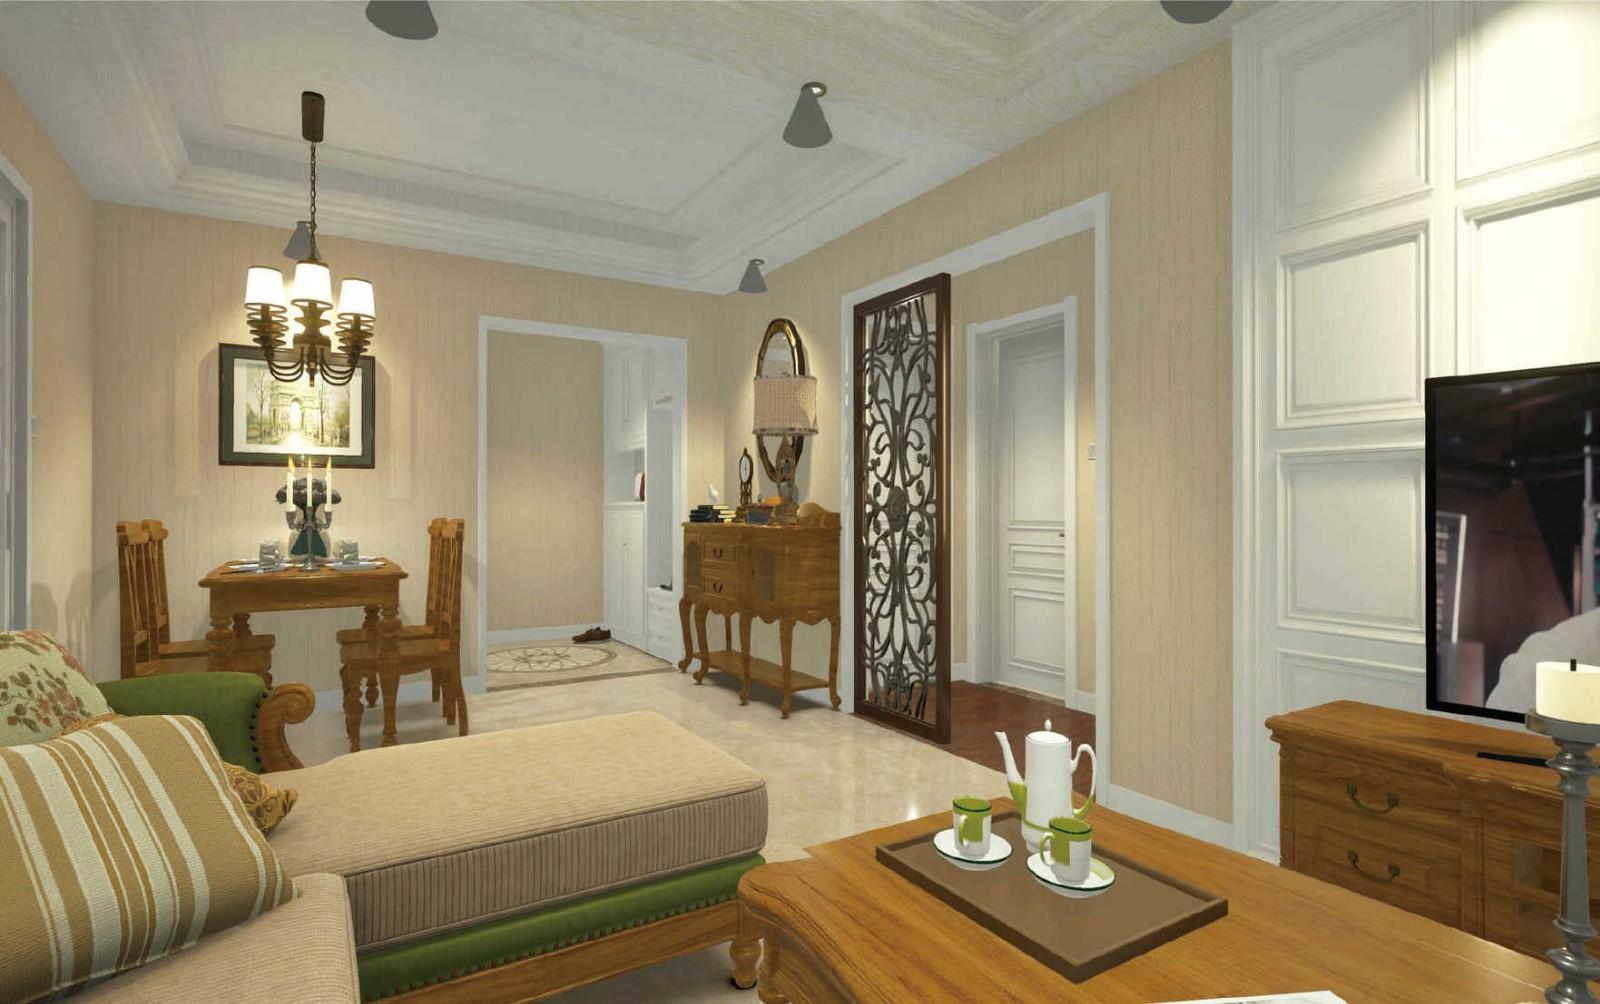 3室2卫1厅110平米新中式风格